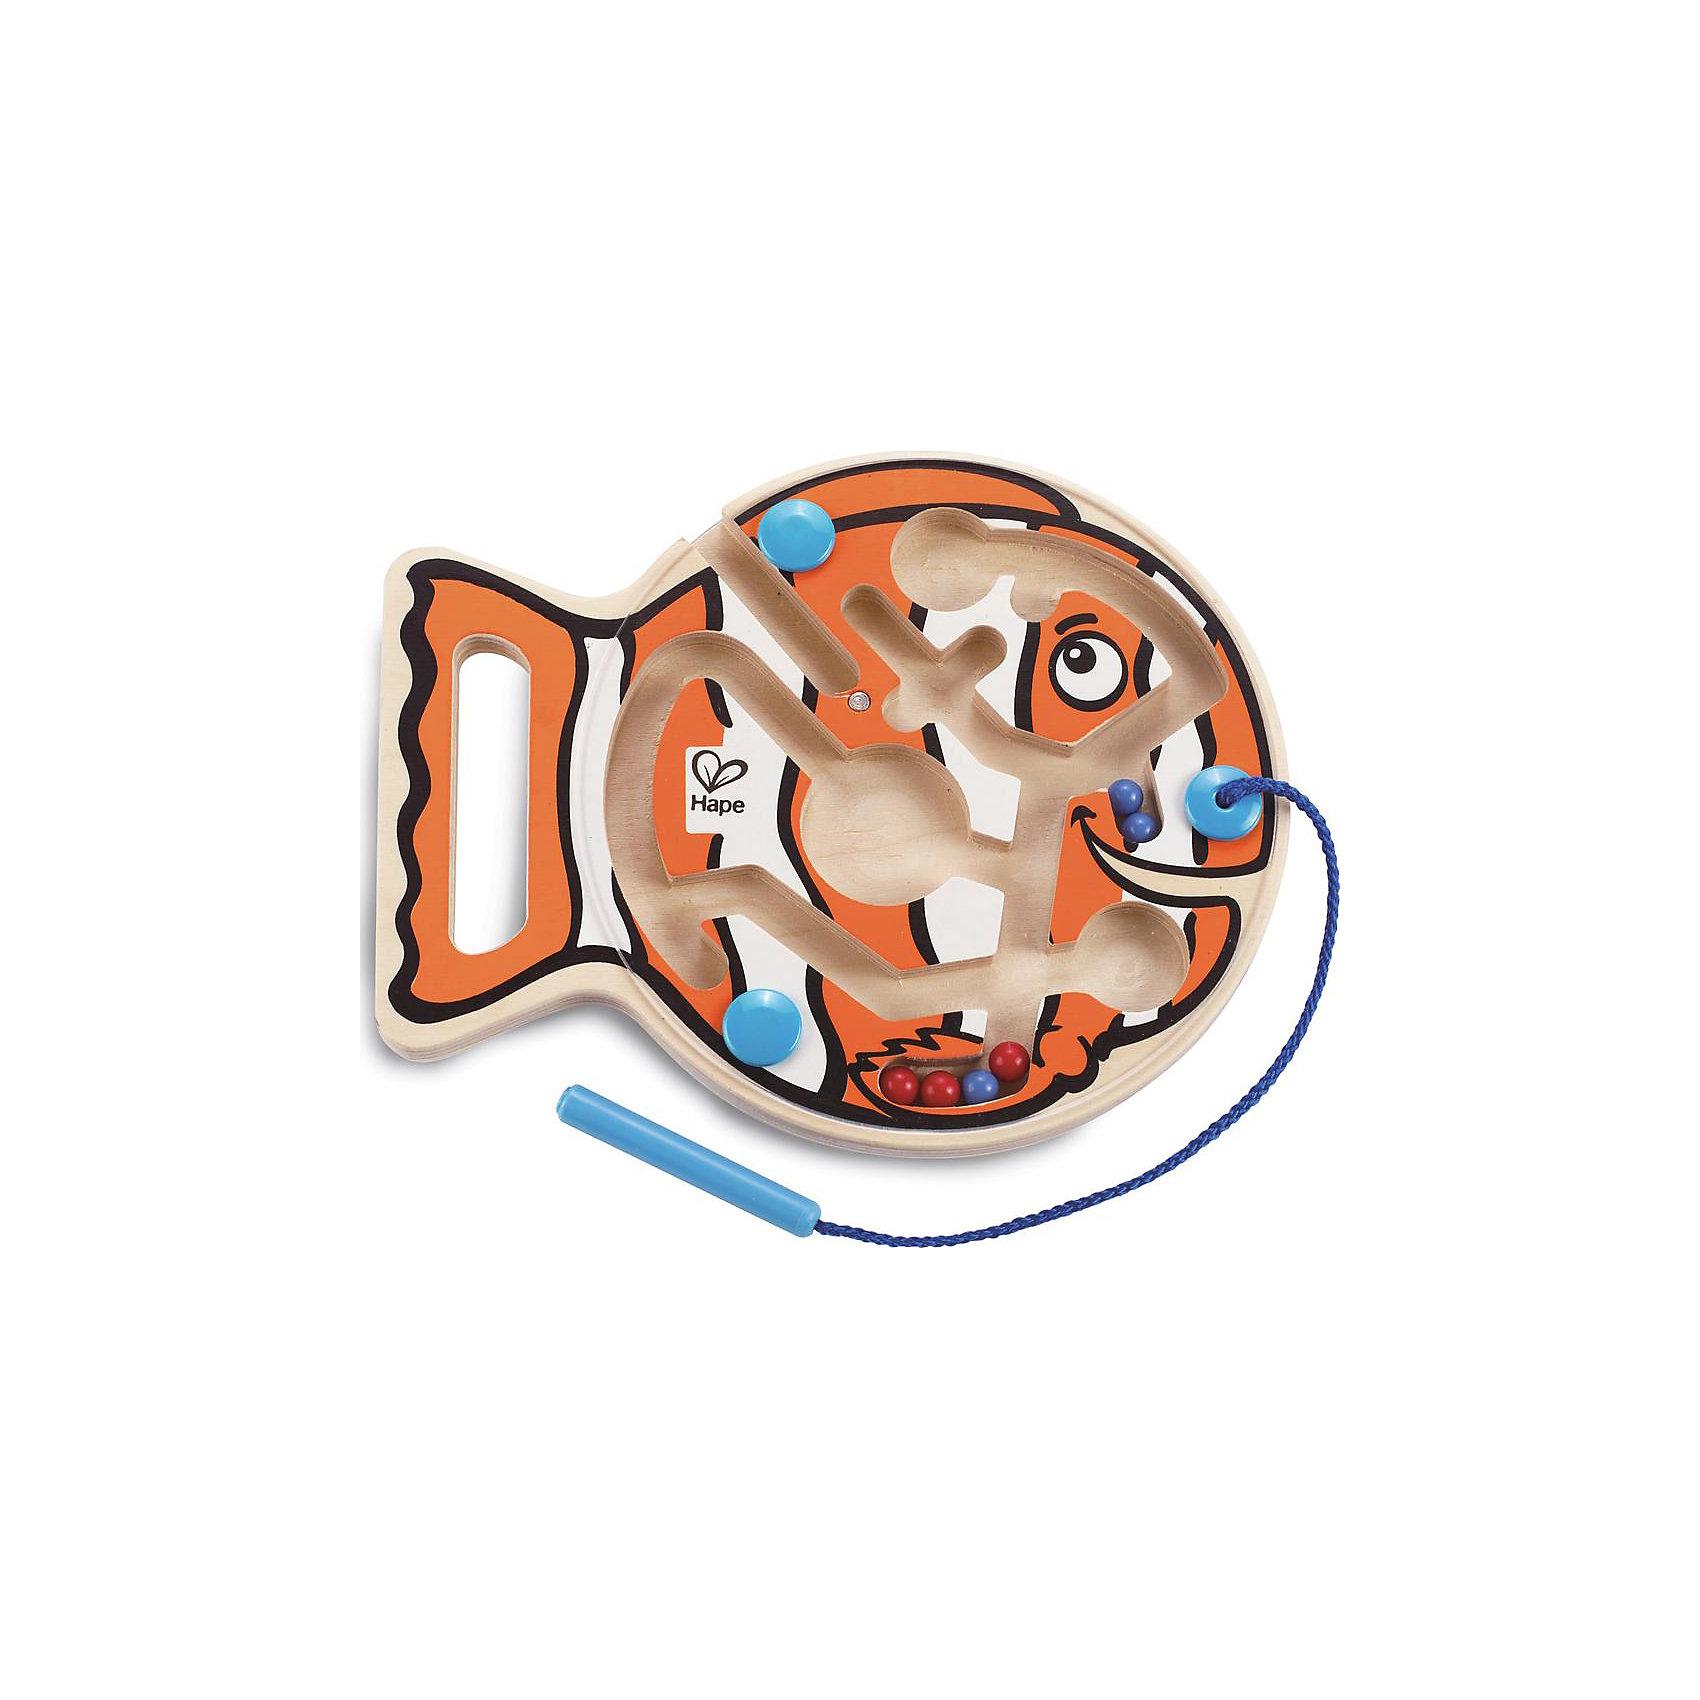 Игрушка деревянная Рыбка, HapeДеревянные игры и пазлы<br>Внутри лабиринта находятся разноцветные шарики-магниты, малыш подносит<br> указку к шарику, тот примагничивается и он передвигает его по лабиринтам в нужный отсек. На передней панели паровозика расположена прозрачная пластиковая панель, которая надежно хранит шарики внутри. Указка прикреплена к лабиринту текстильным шнуром. Игрушка способствует развитию моторики, стимулирует визуальное восприятие, когнитивное мышление, развивает интеллектуальные способности и воображение.<br><br>Ширина мм: 255<br>Глубина мм: 207<br>Высота мм: 35<br>Вес г: 314<br>Возраст от месяцев: 24<br>Возраст до месяцев: 48<br>Пол: Унисекс<br>Возраст: Детский<br>SKU: 2503721